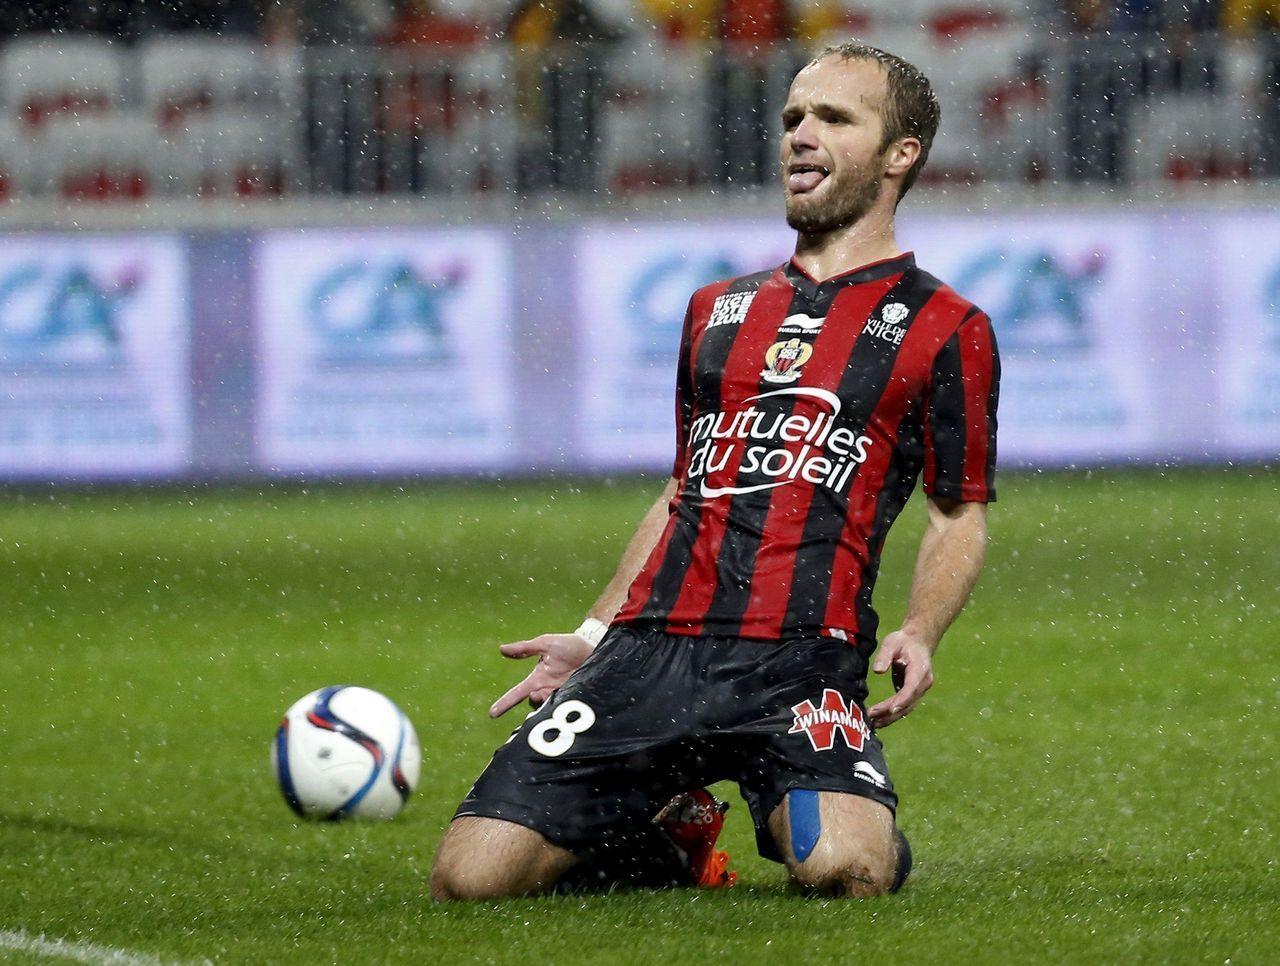 Escándalo: un jugador de la liga francesa fue sancionado por apuestas